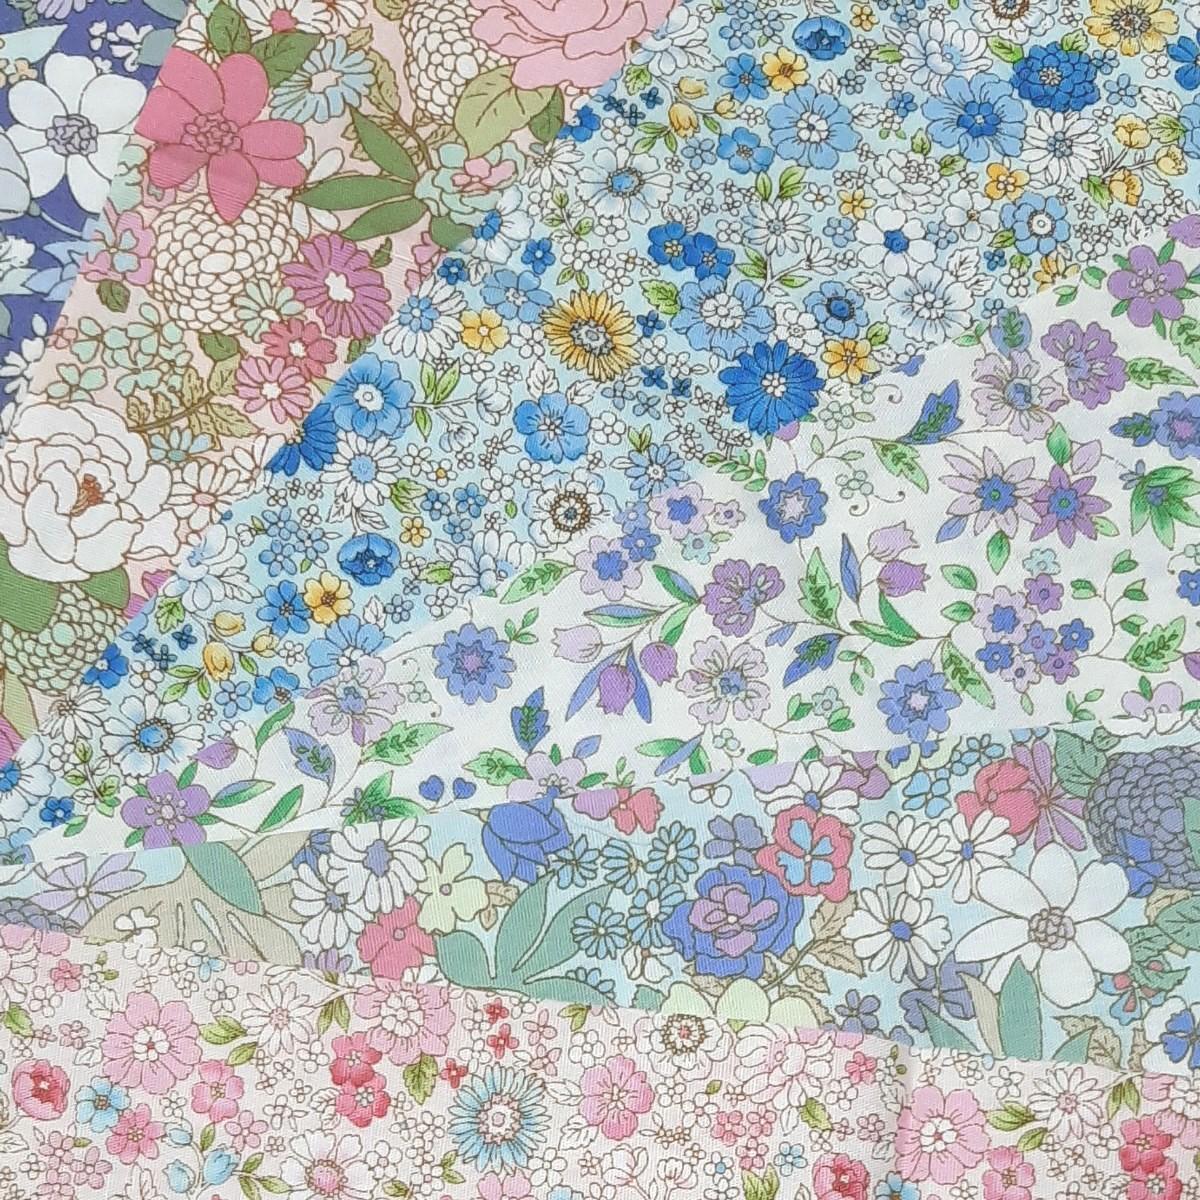 花柄カットクロス 生地 6種類セット パッチワーク ハンドメイド